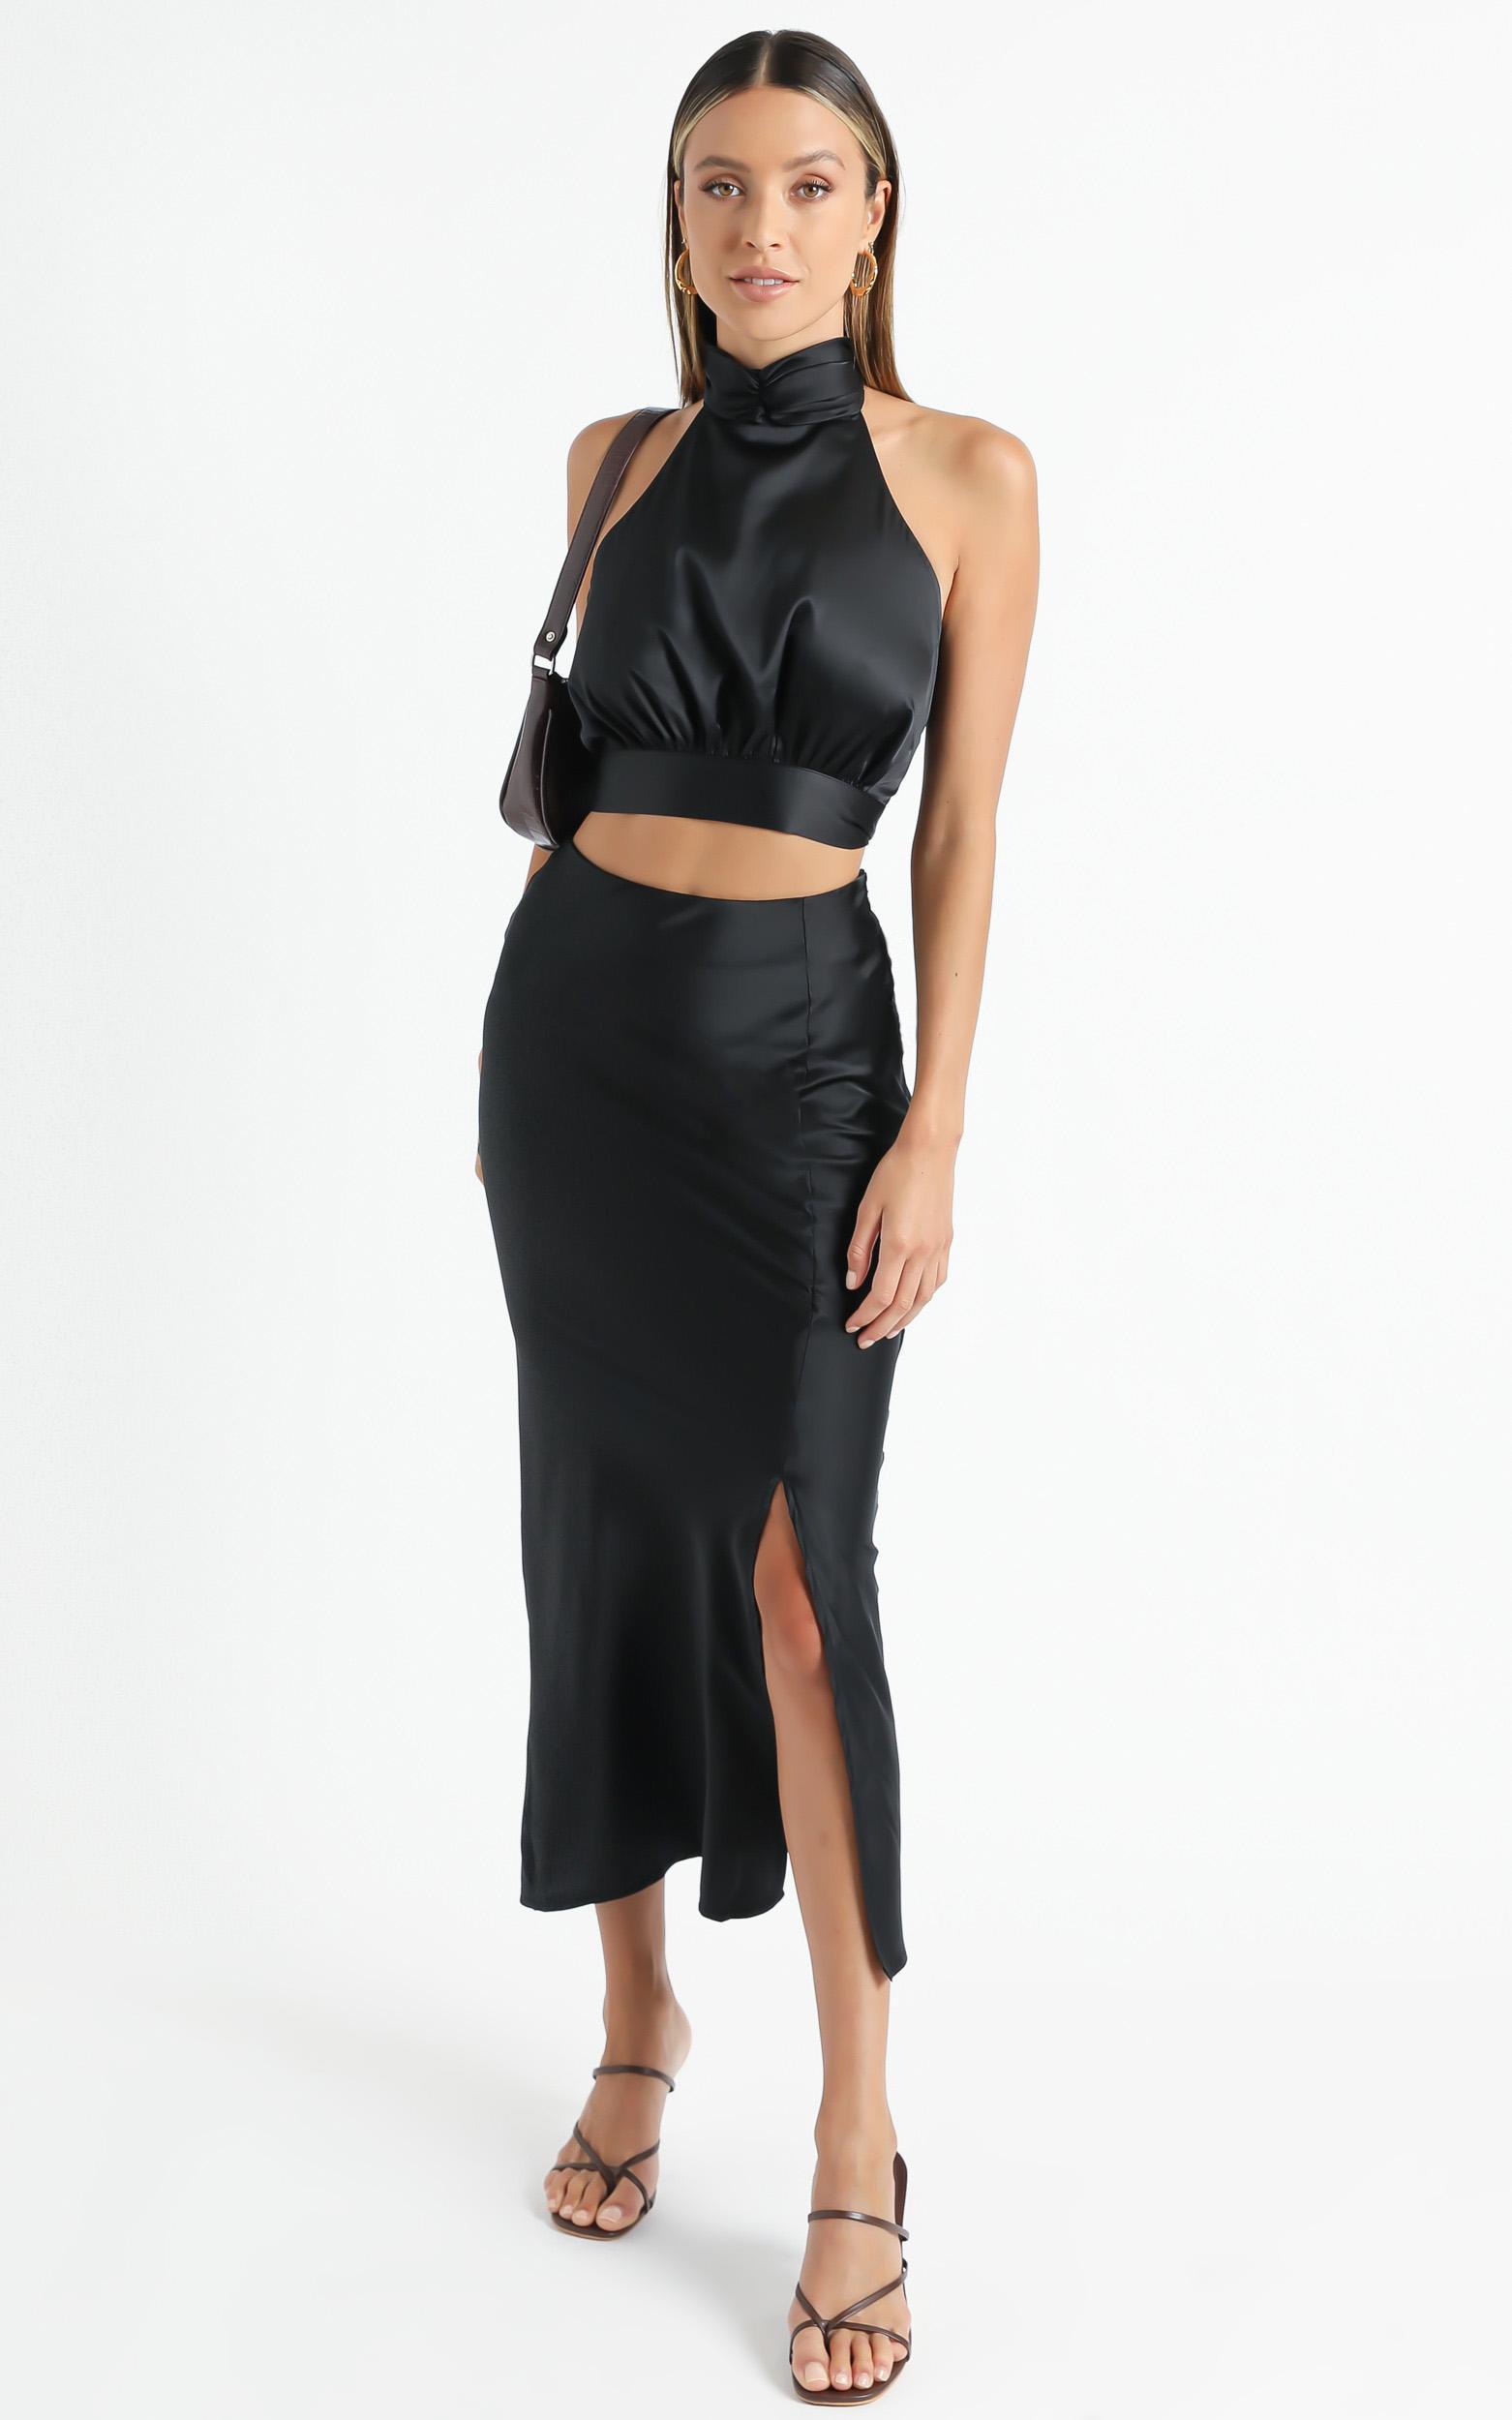 Diara Skirt in Black - 06, BLK1, hi-res image number null